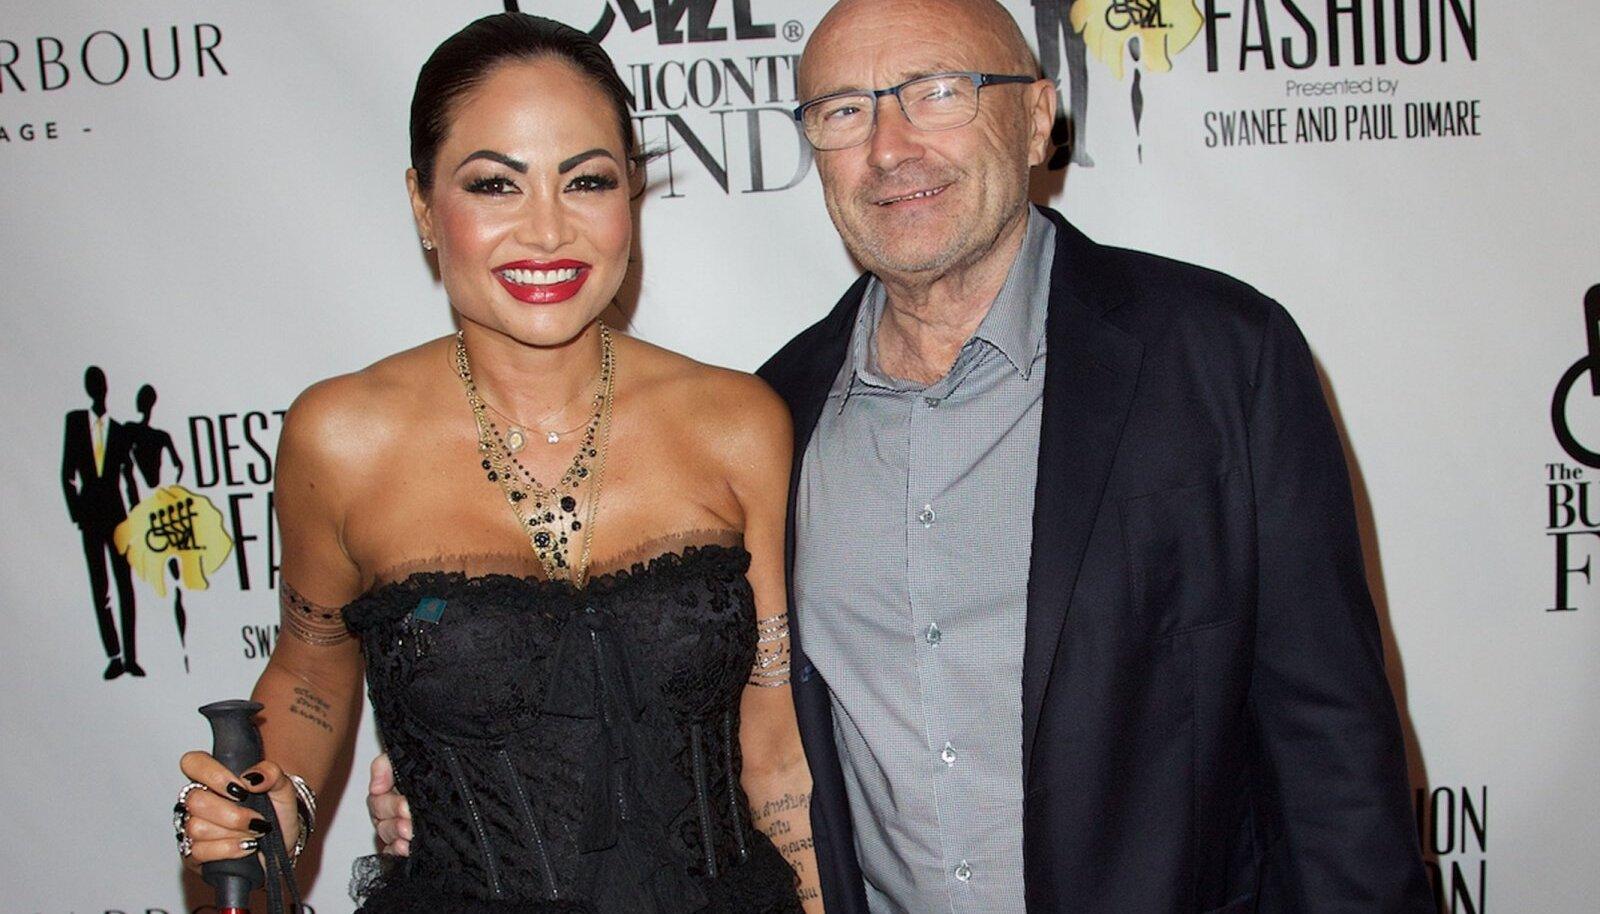 SAATUSLIK NAINE Phil maksis Oriannele lahutuse käigus kümneid miljoneid eurosid. Aastaid hiljem kolis naine Phili juurde tagasi, kuid tüdines peagi kooselust. Samas ei soovinud ta Collinsi villast lahkuda ja küsis täiendavad 20 miljonit eurot.